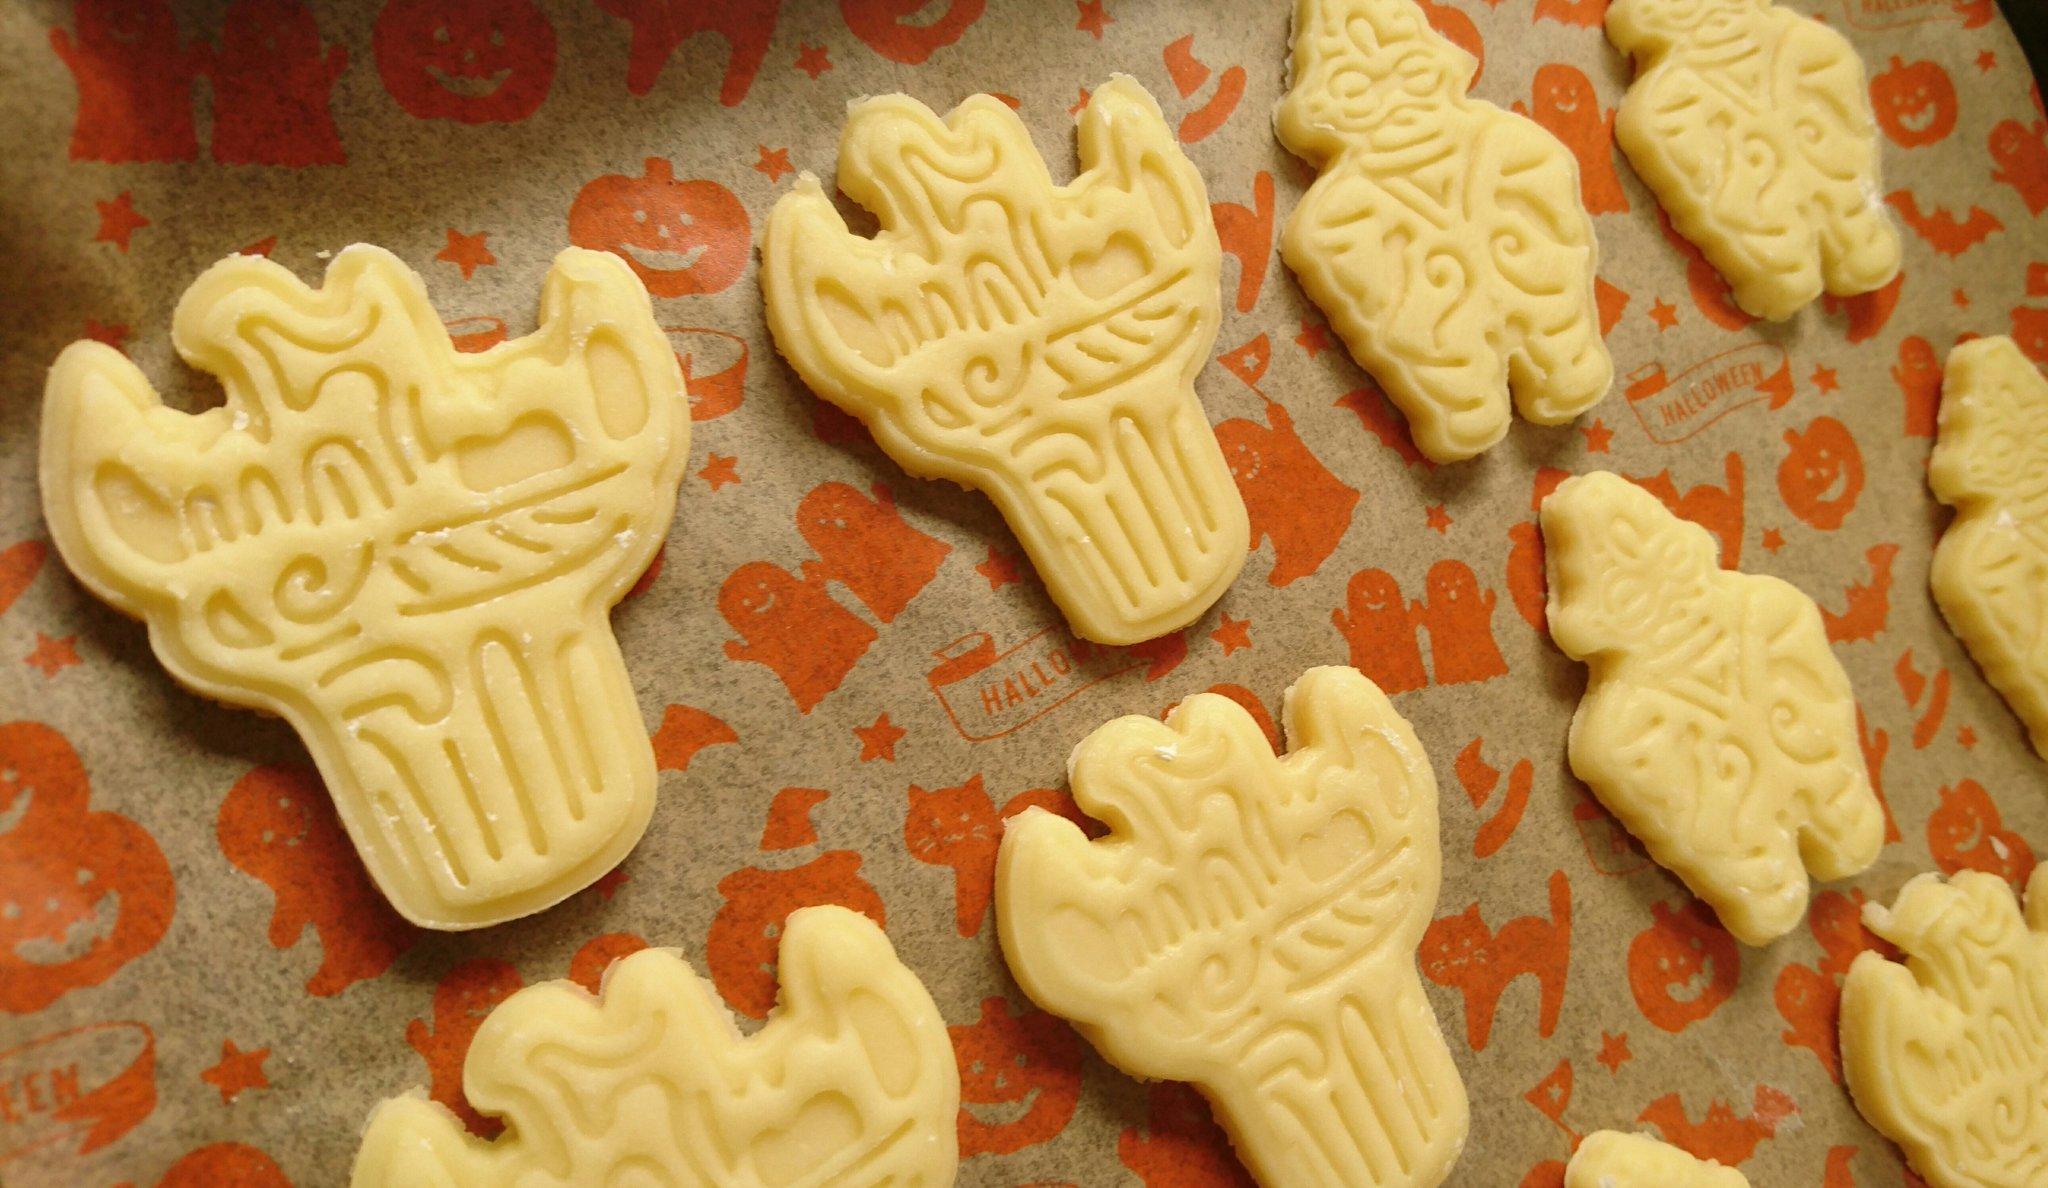 クッキー型で縄文土器クッキー?? どこに売っているんだ?こんなクッキーの型ww